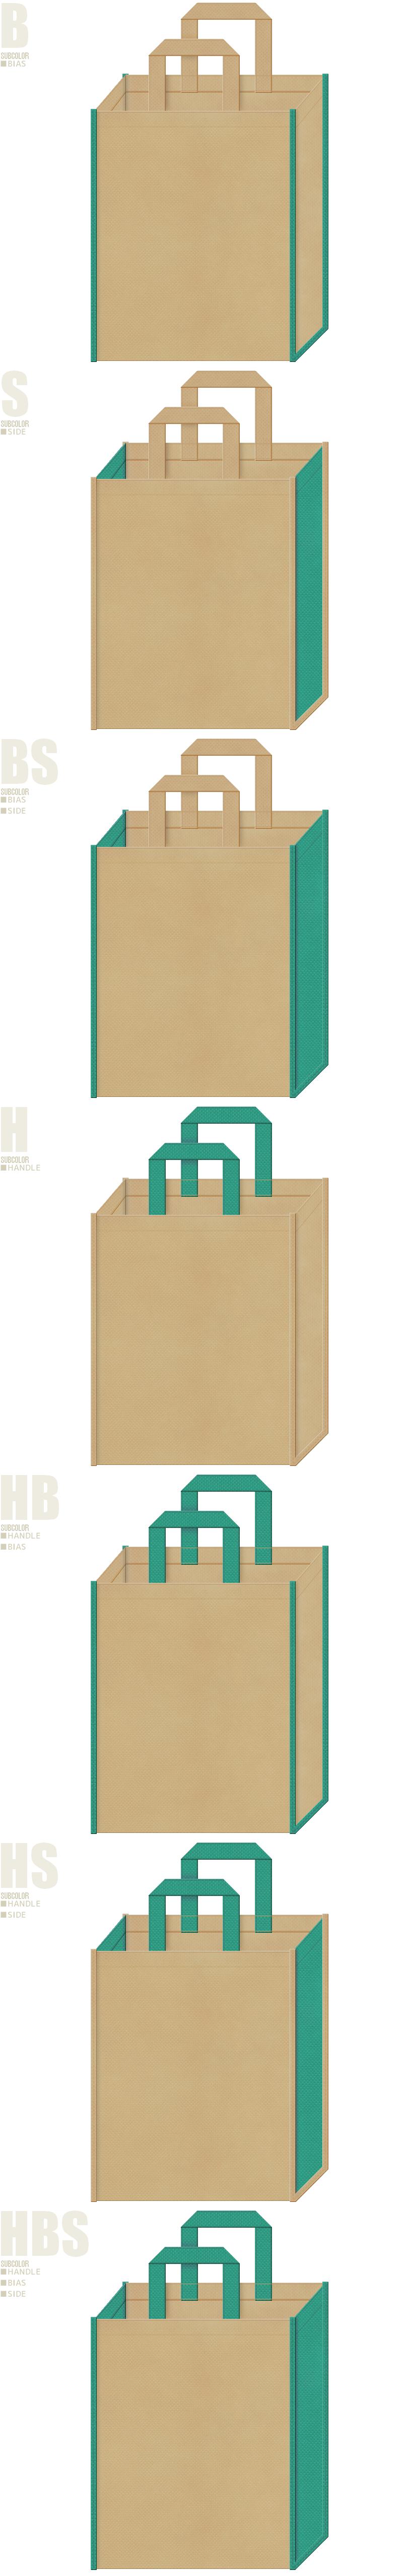 産直市場・農業・種苗・肥料・園芸用品の展示会用バッグにお奨めの不織布バッグデザイン:カーキ色と青緑色の配色7パターン。